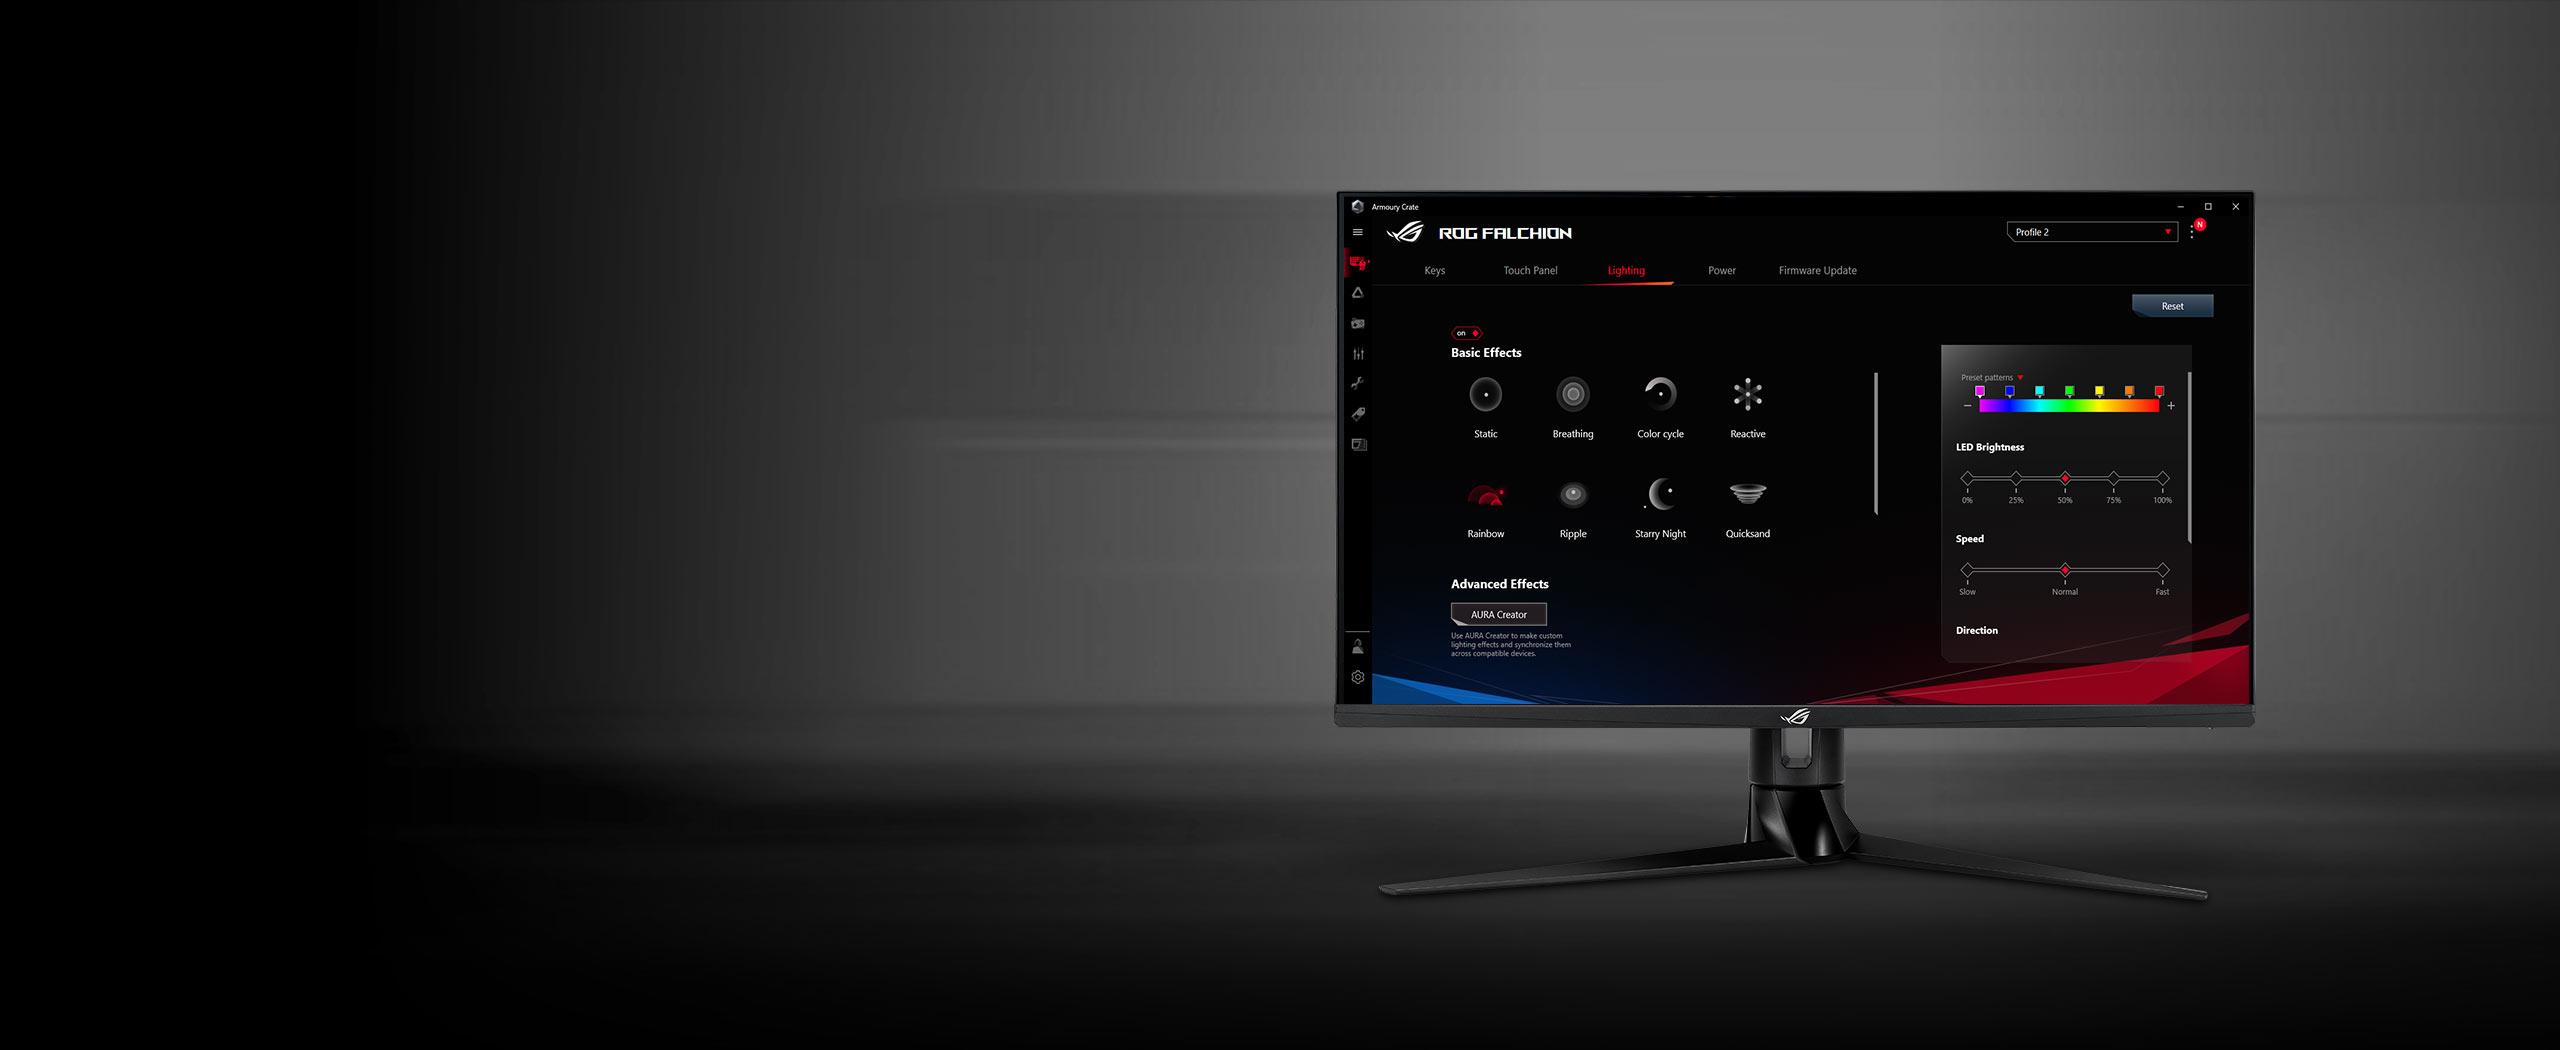 Bàn phím không dây Asus Falchion (USB/RGB/Red sw)  có thể tuỳ chỉnh dễ dàng qua phần mềm